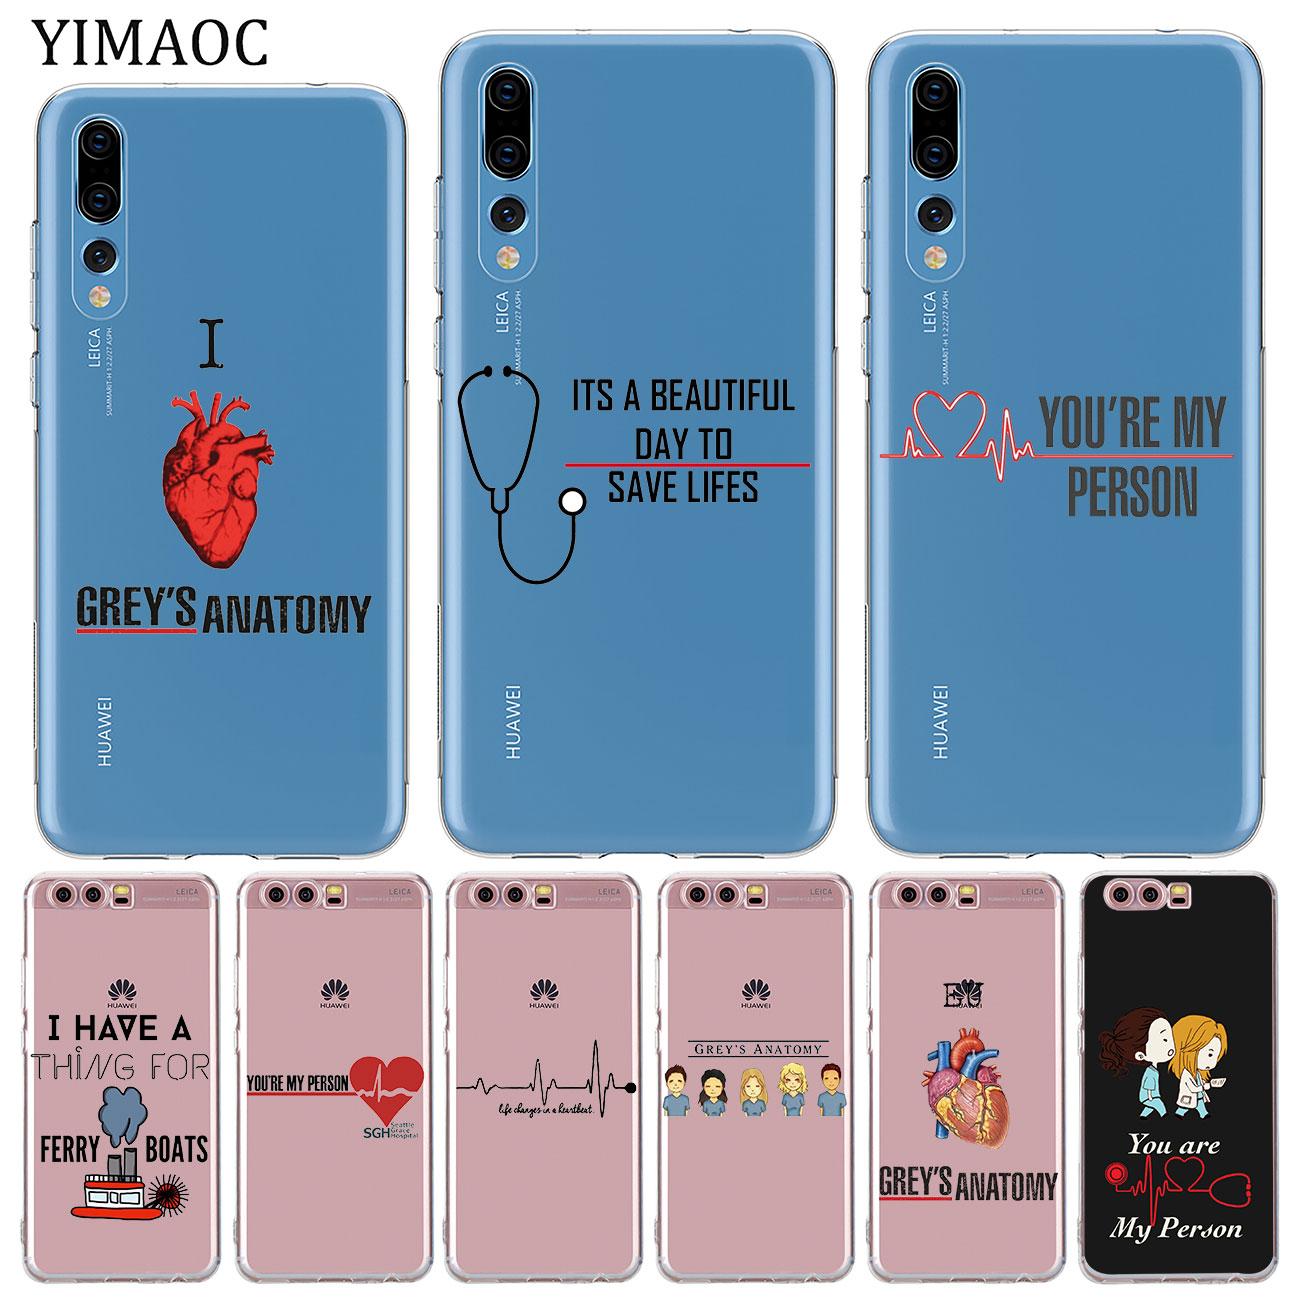 YIMAOC-funda de silicona suave para teléfono, carcasa gris para Huawei P30, P20...